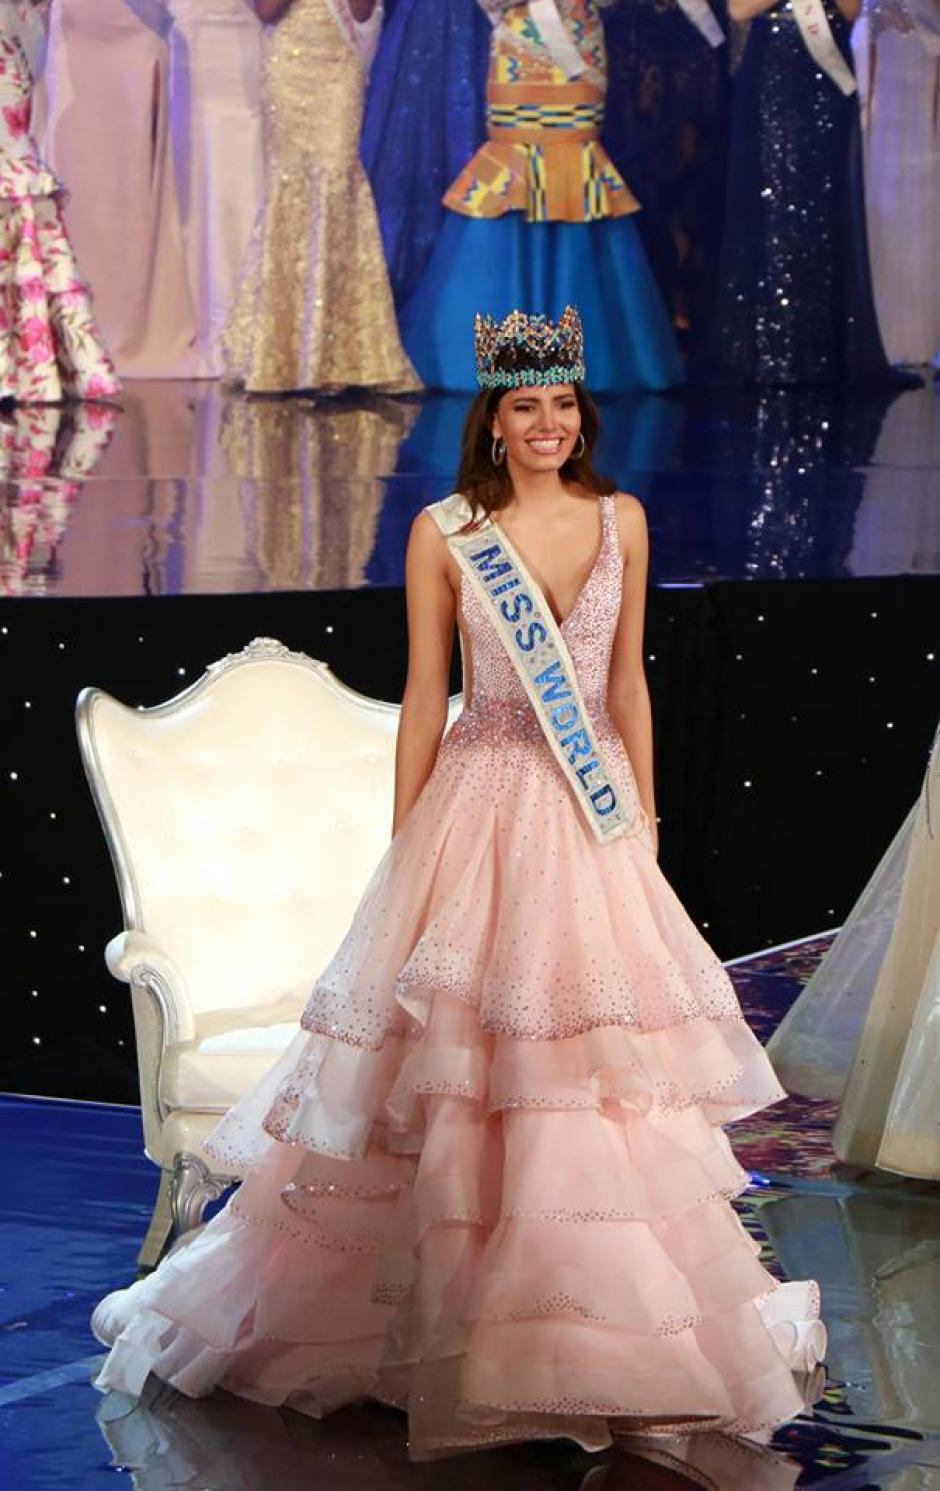 La nueva Miss Mundo era una de las favoritas. (Foto: El Heraldo)